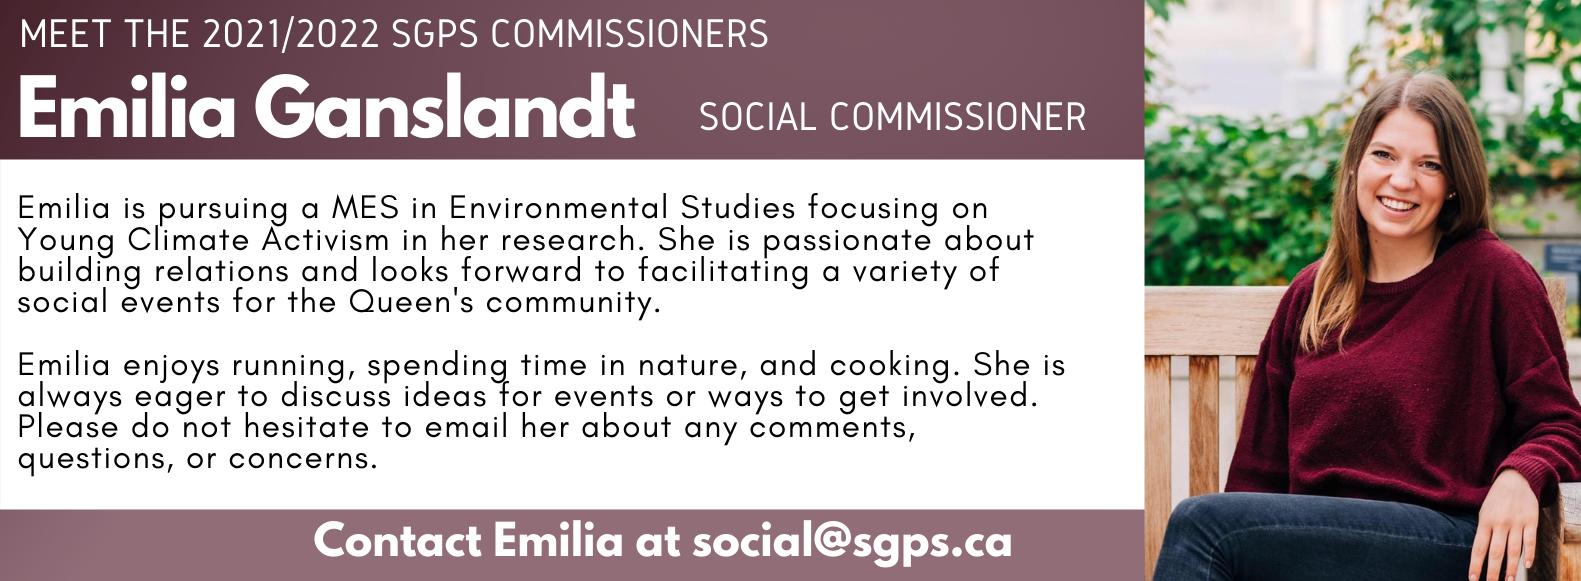 Emilia Ganslandt, SGPS Social Commissioner. Contact Emilia at social@sgps.ca